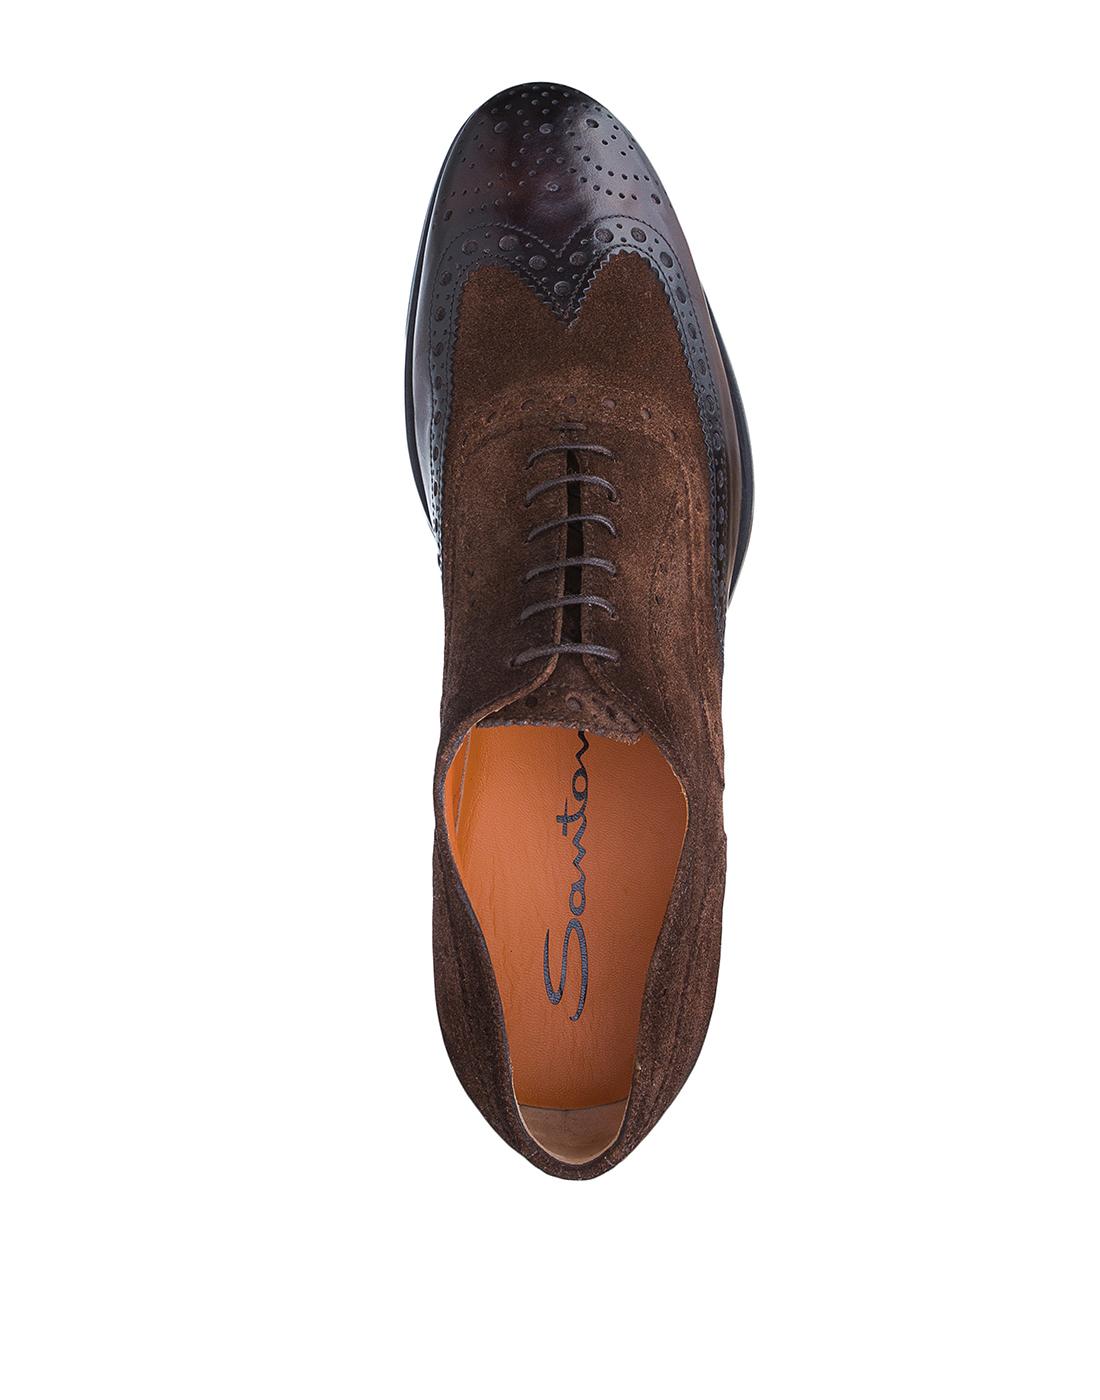 Туфли коричневые мужские Santoni S15752 - 50-5